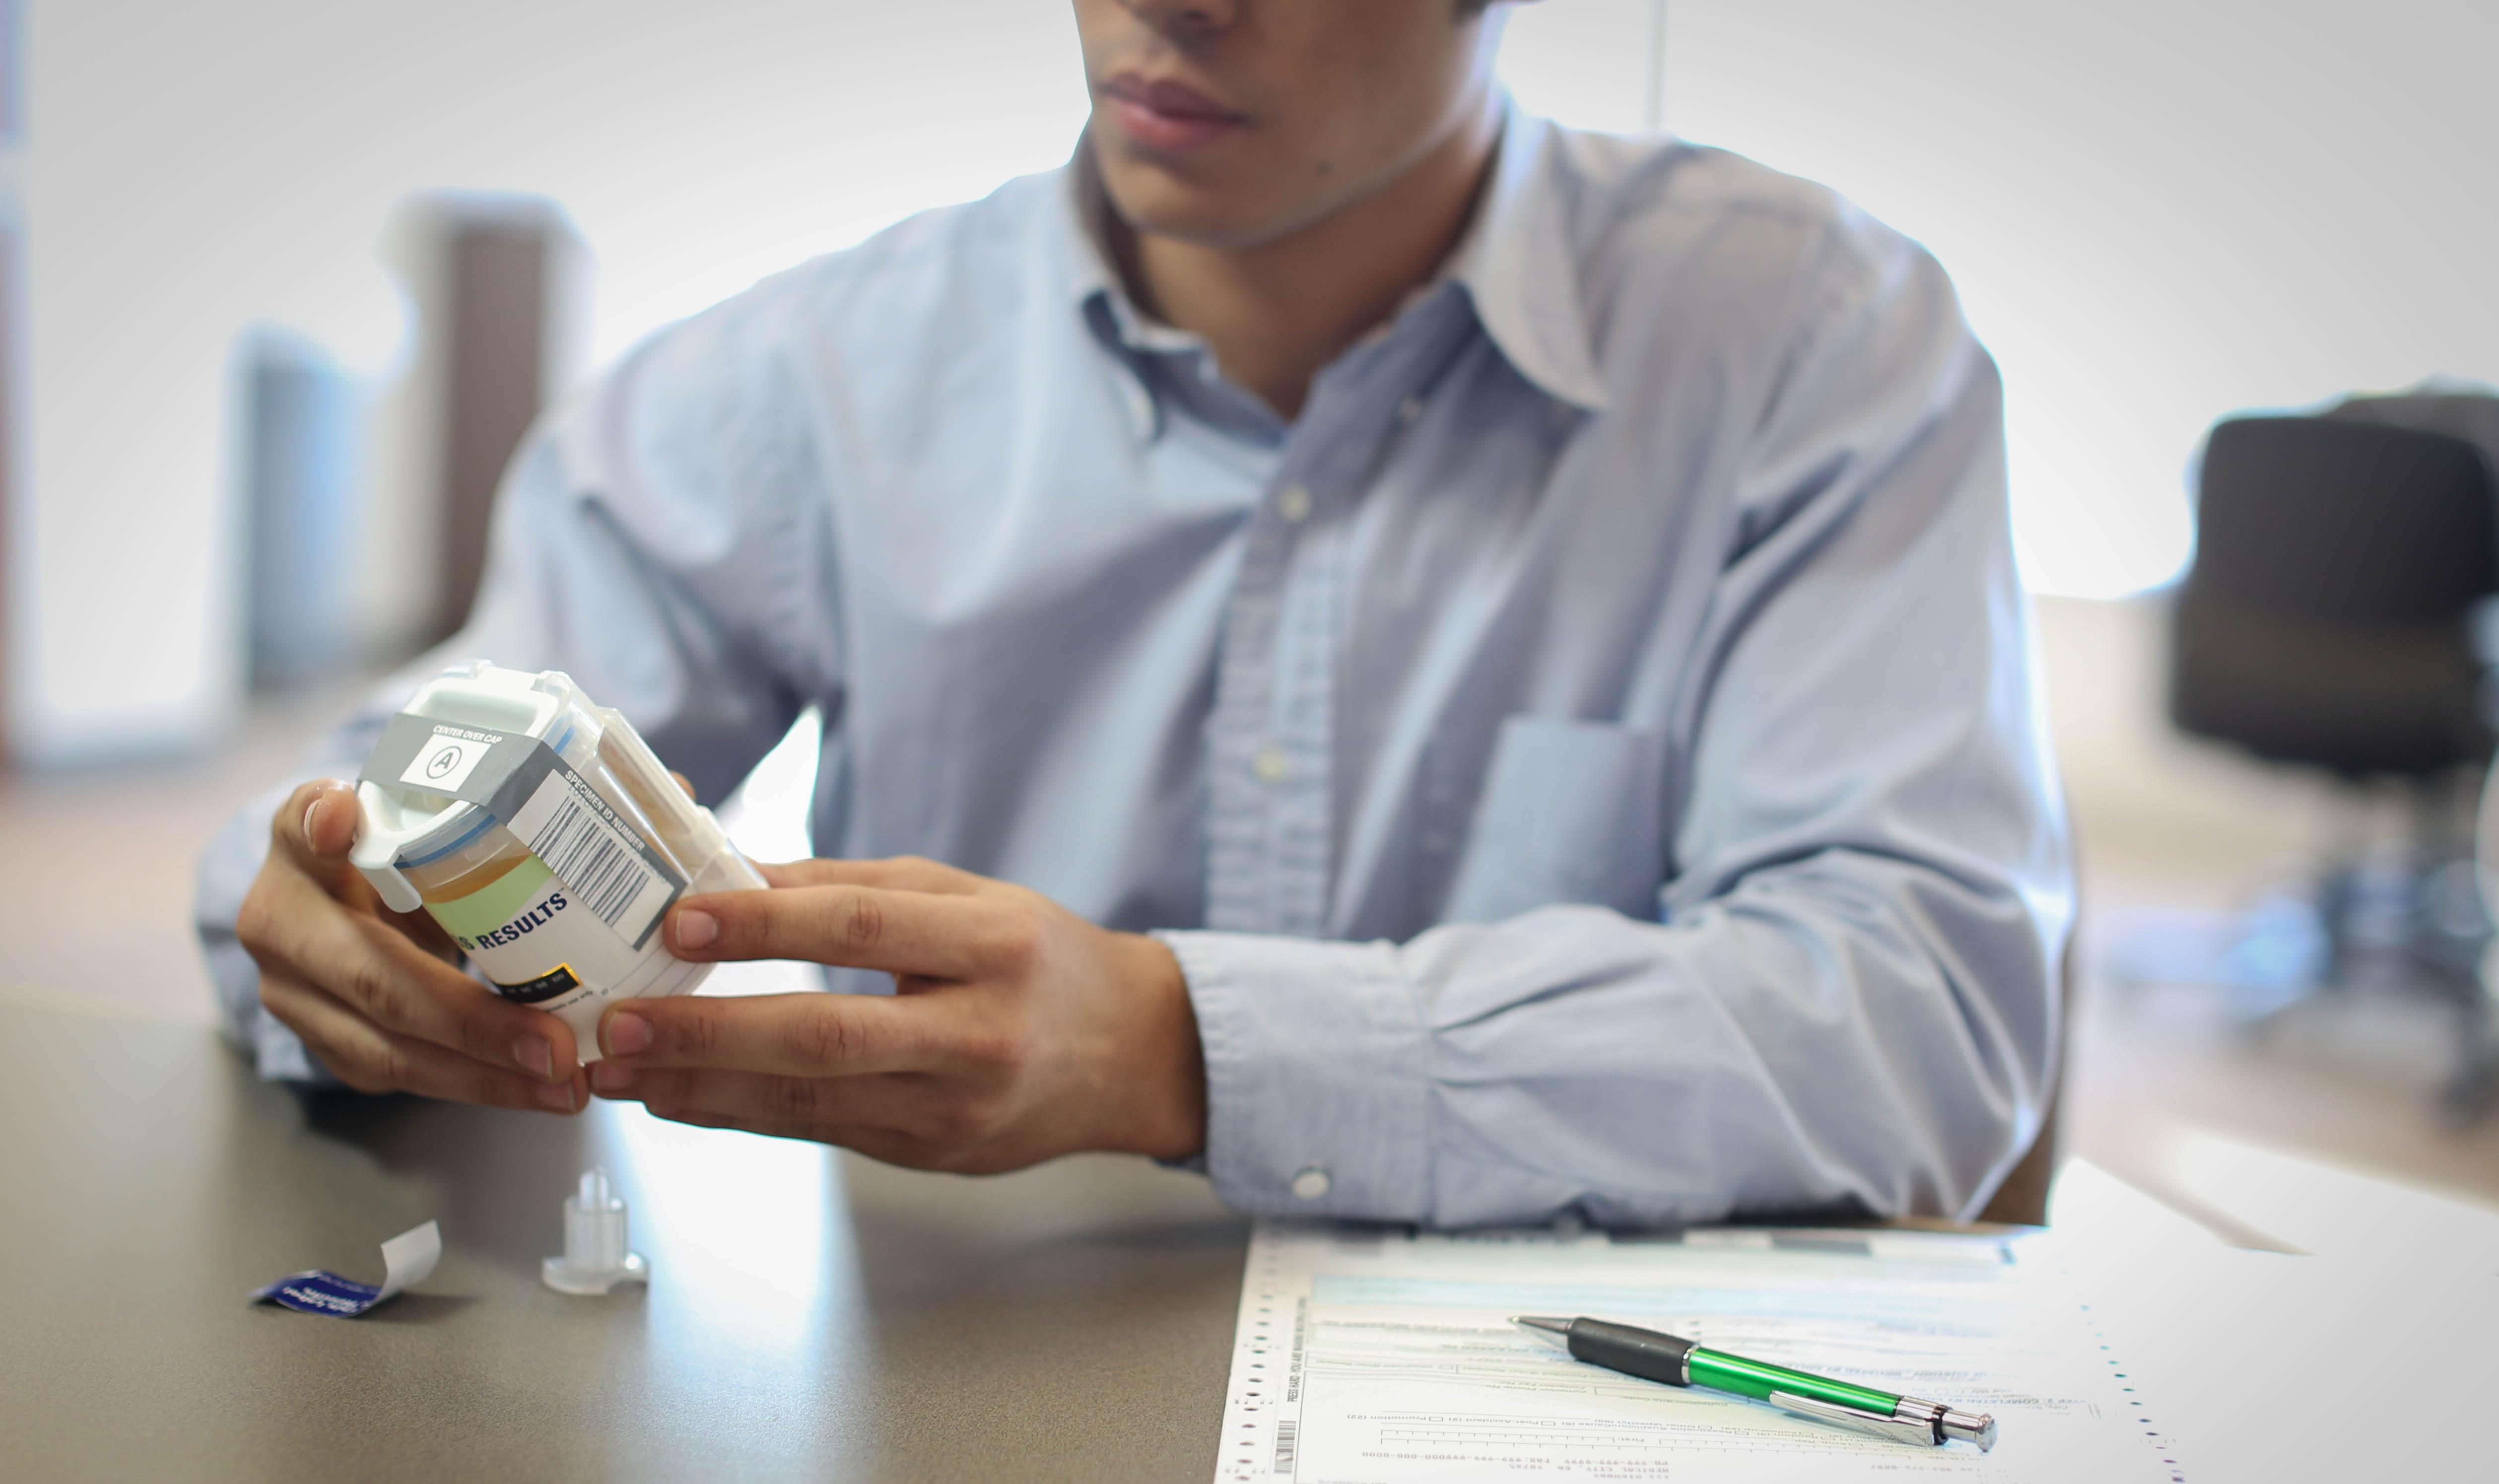 New to drug testing: Cold medicine's effect on drug test results